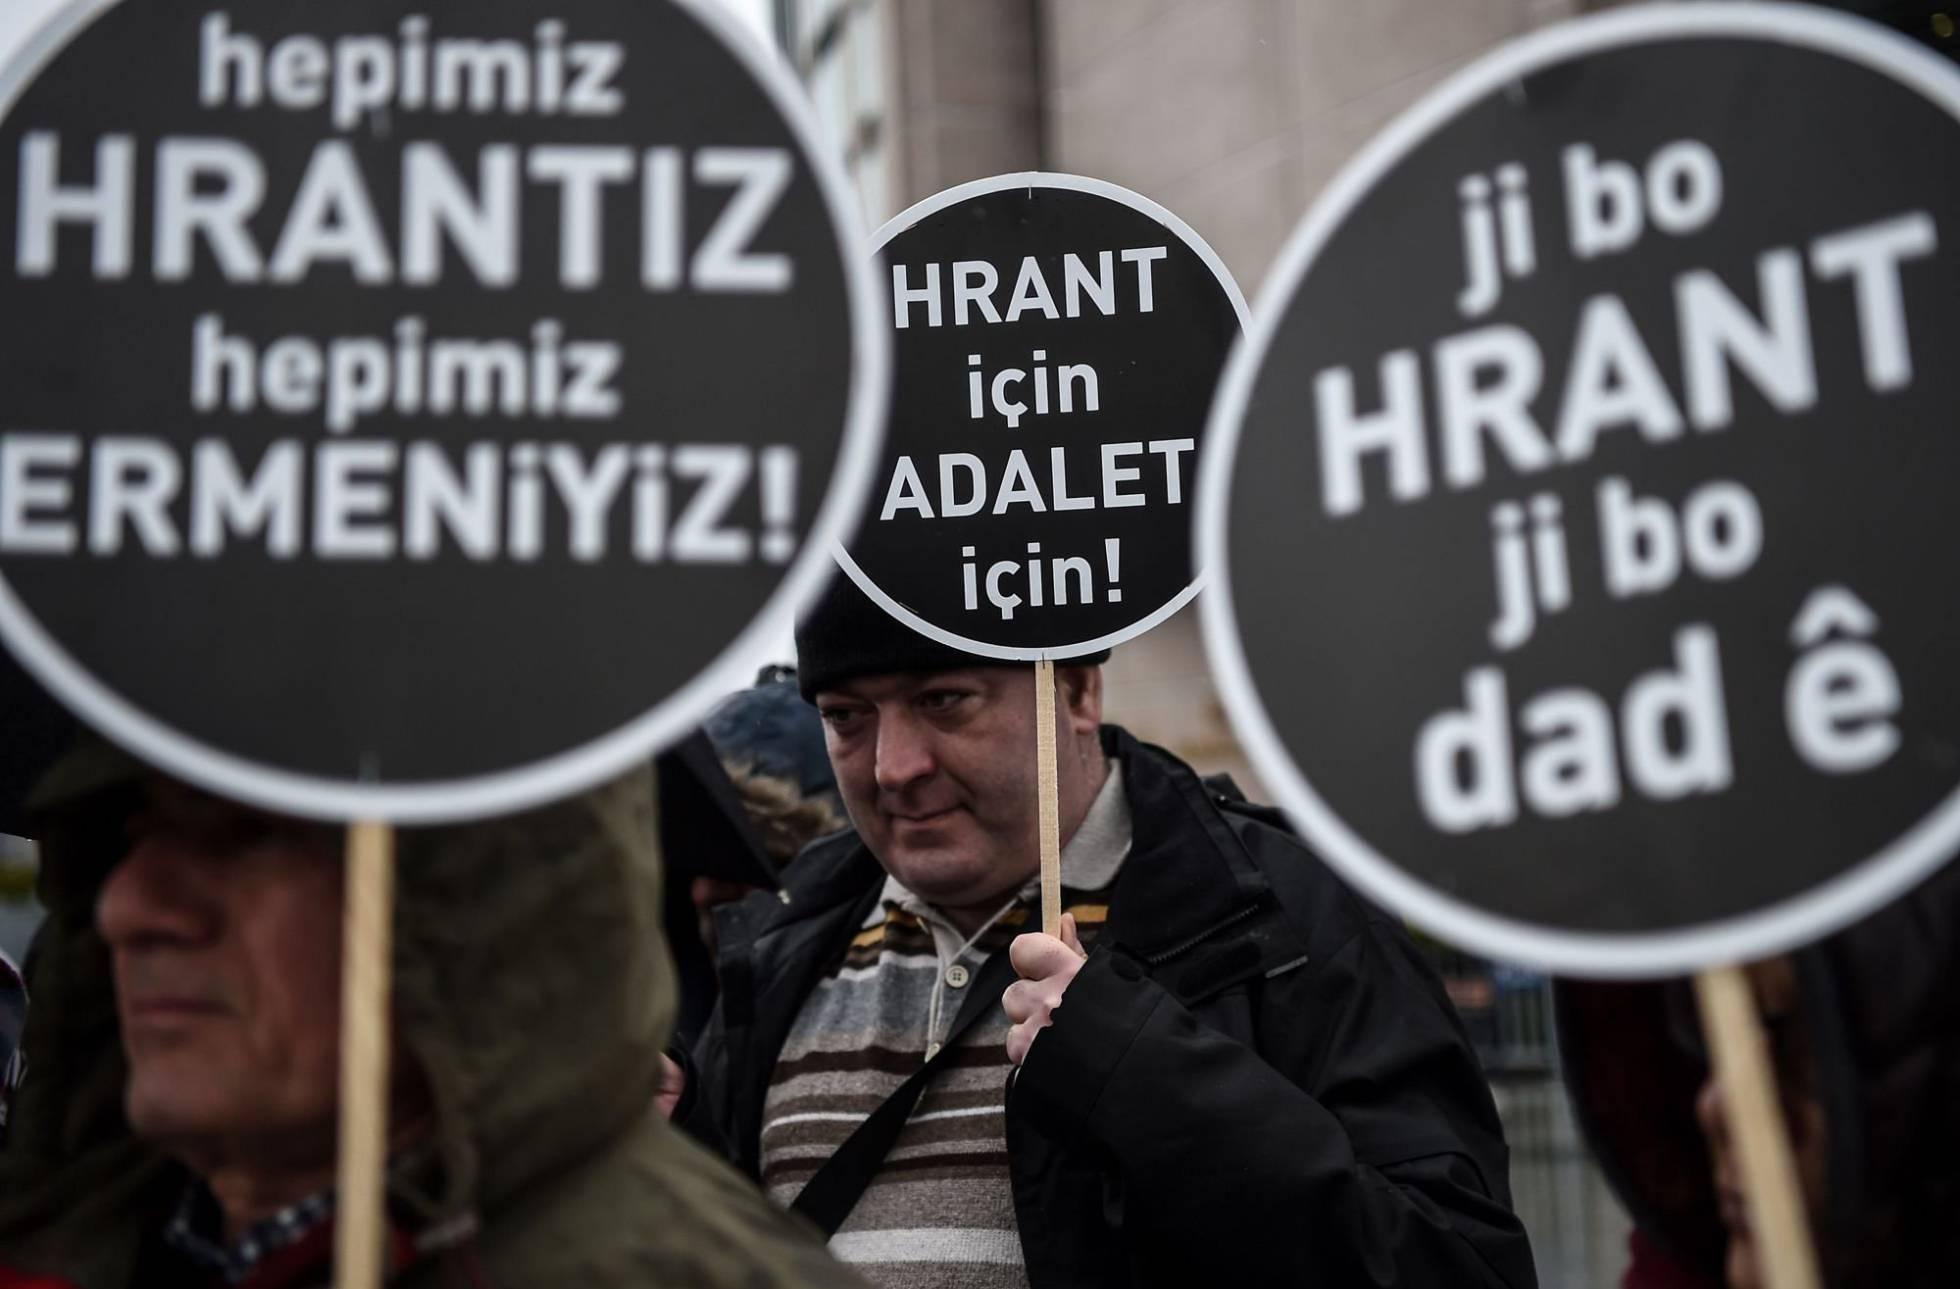 Armenia: Cien años del genocidio por Turquía. [HistoriaC] 1484736469_465549_1484736718_noticia_normal_recorte1